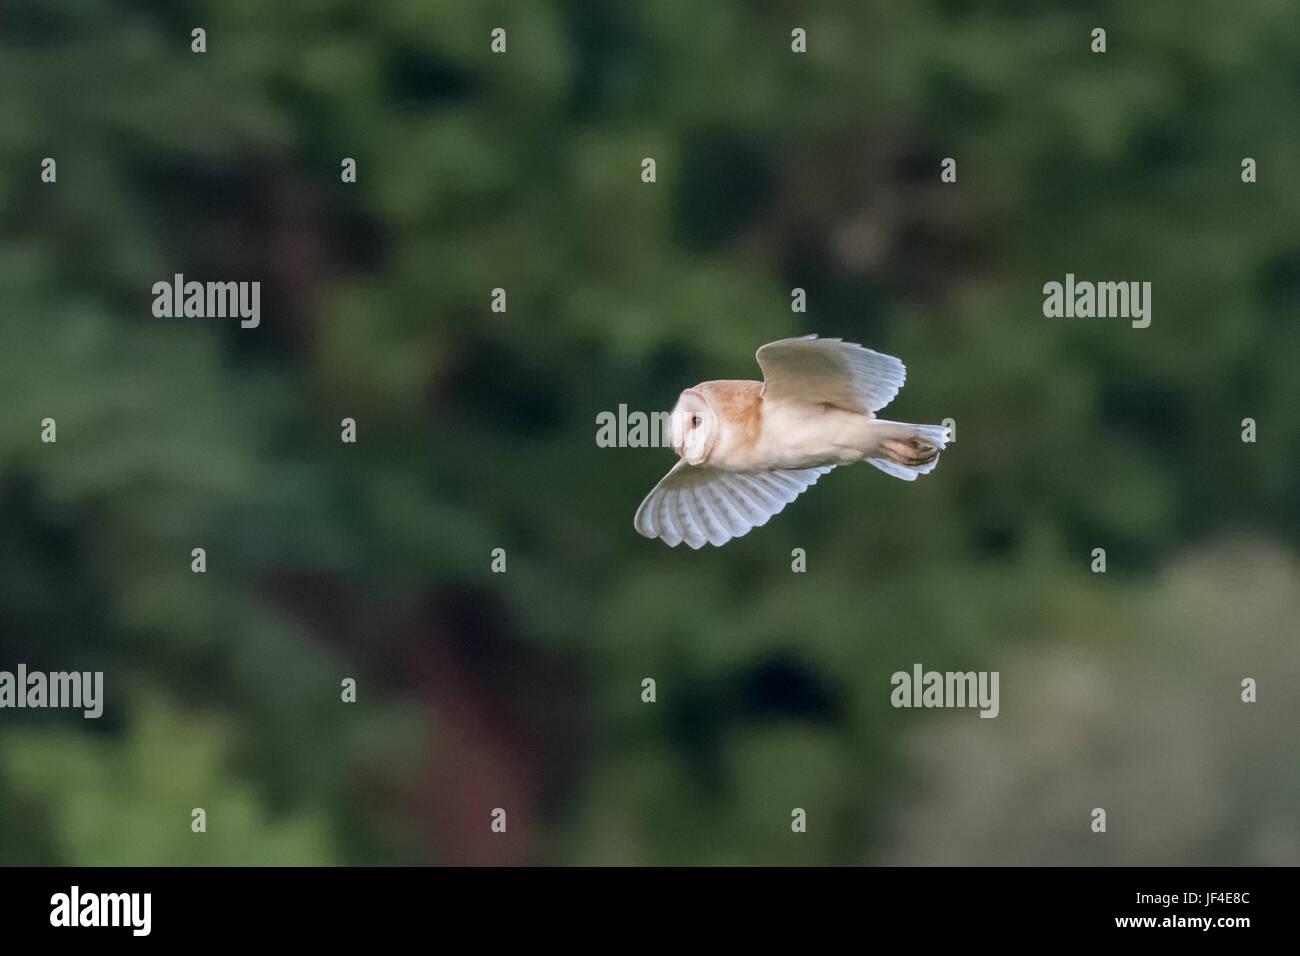 Vista laterale di un singolo Barbagianni (Tyto alba) volare su sfondo verde Immagini Stock